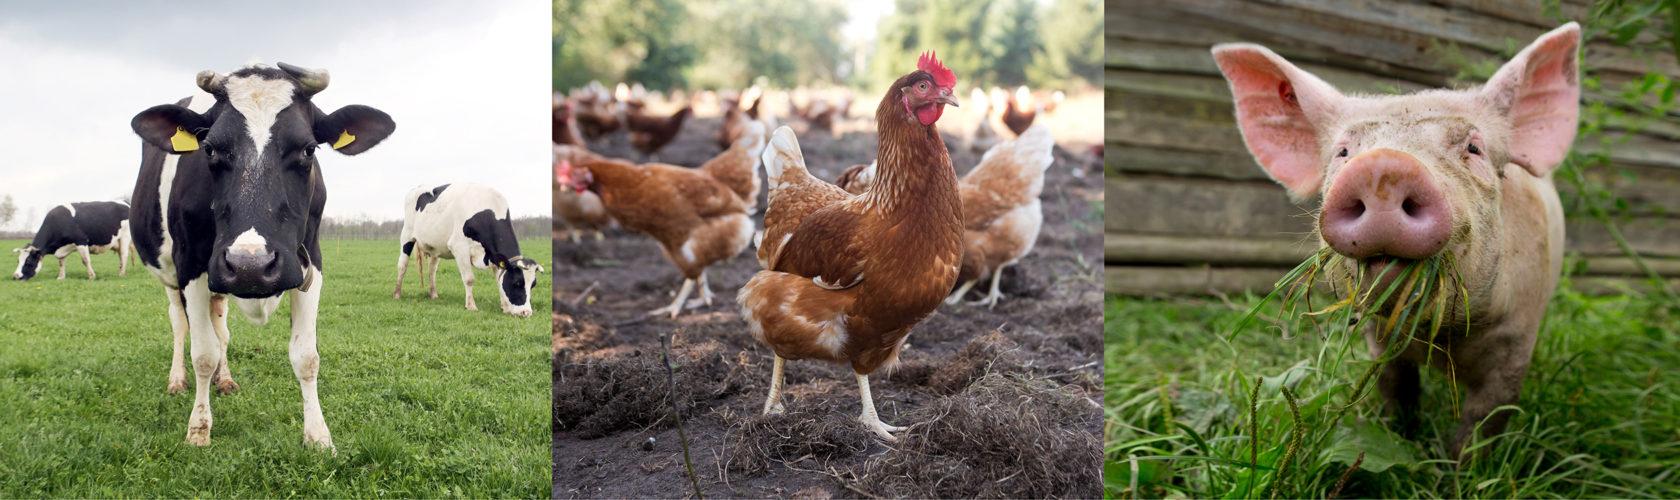 beeld: droombeeld kip, koe, varken